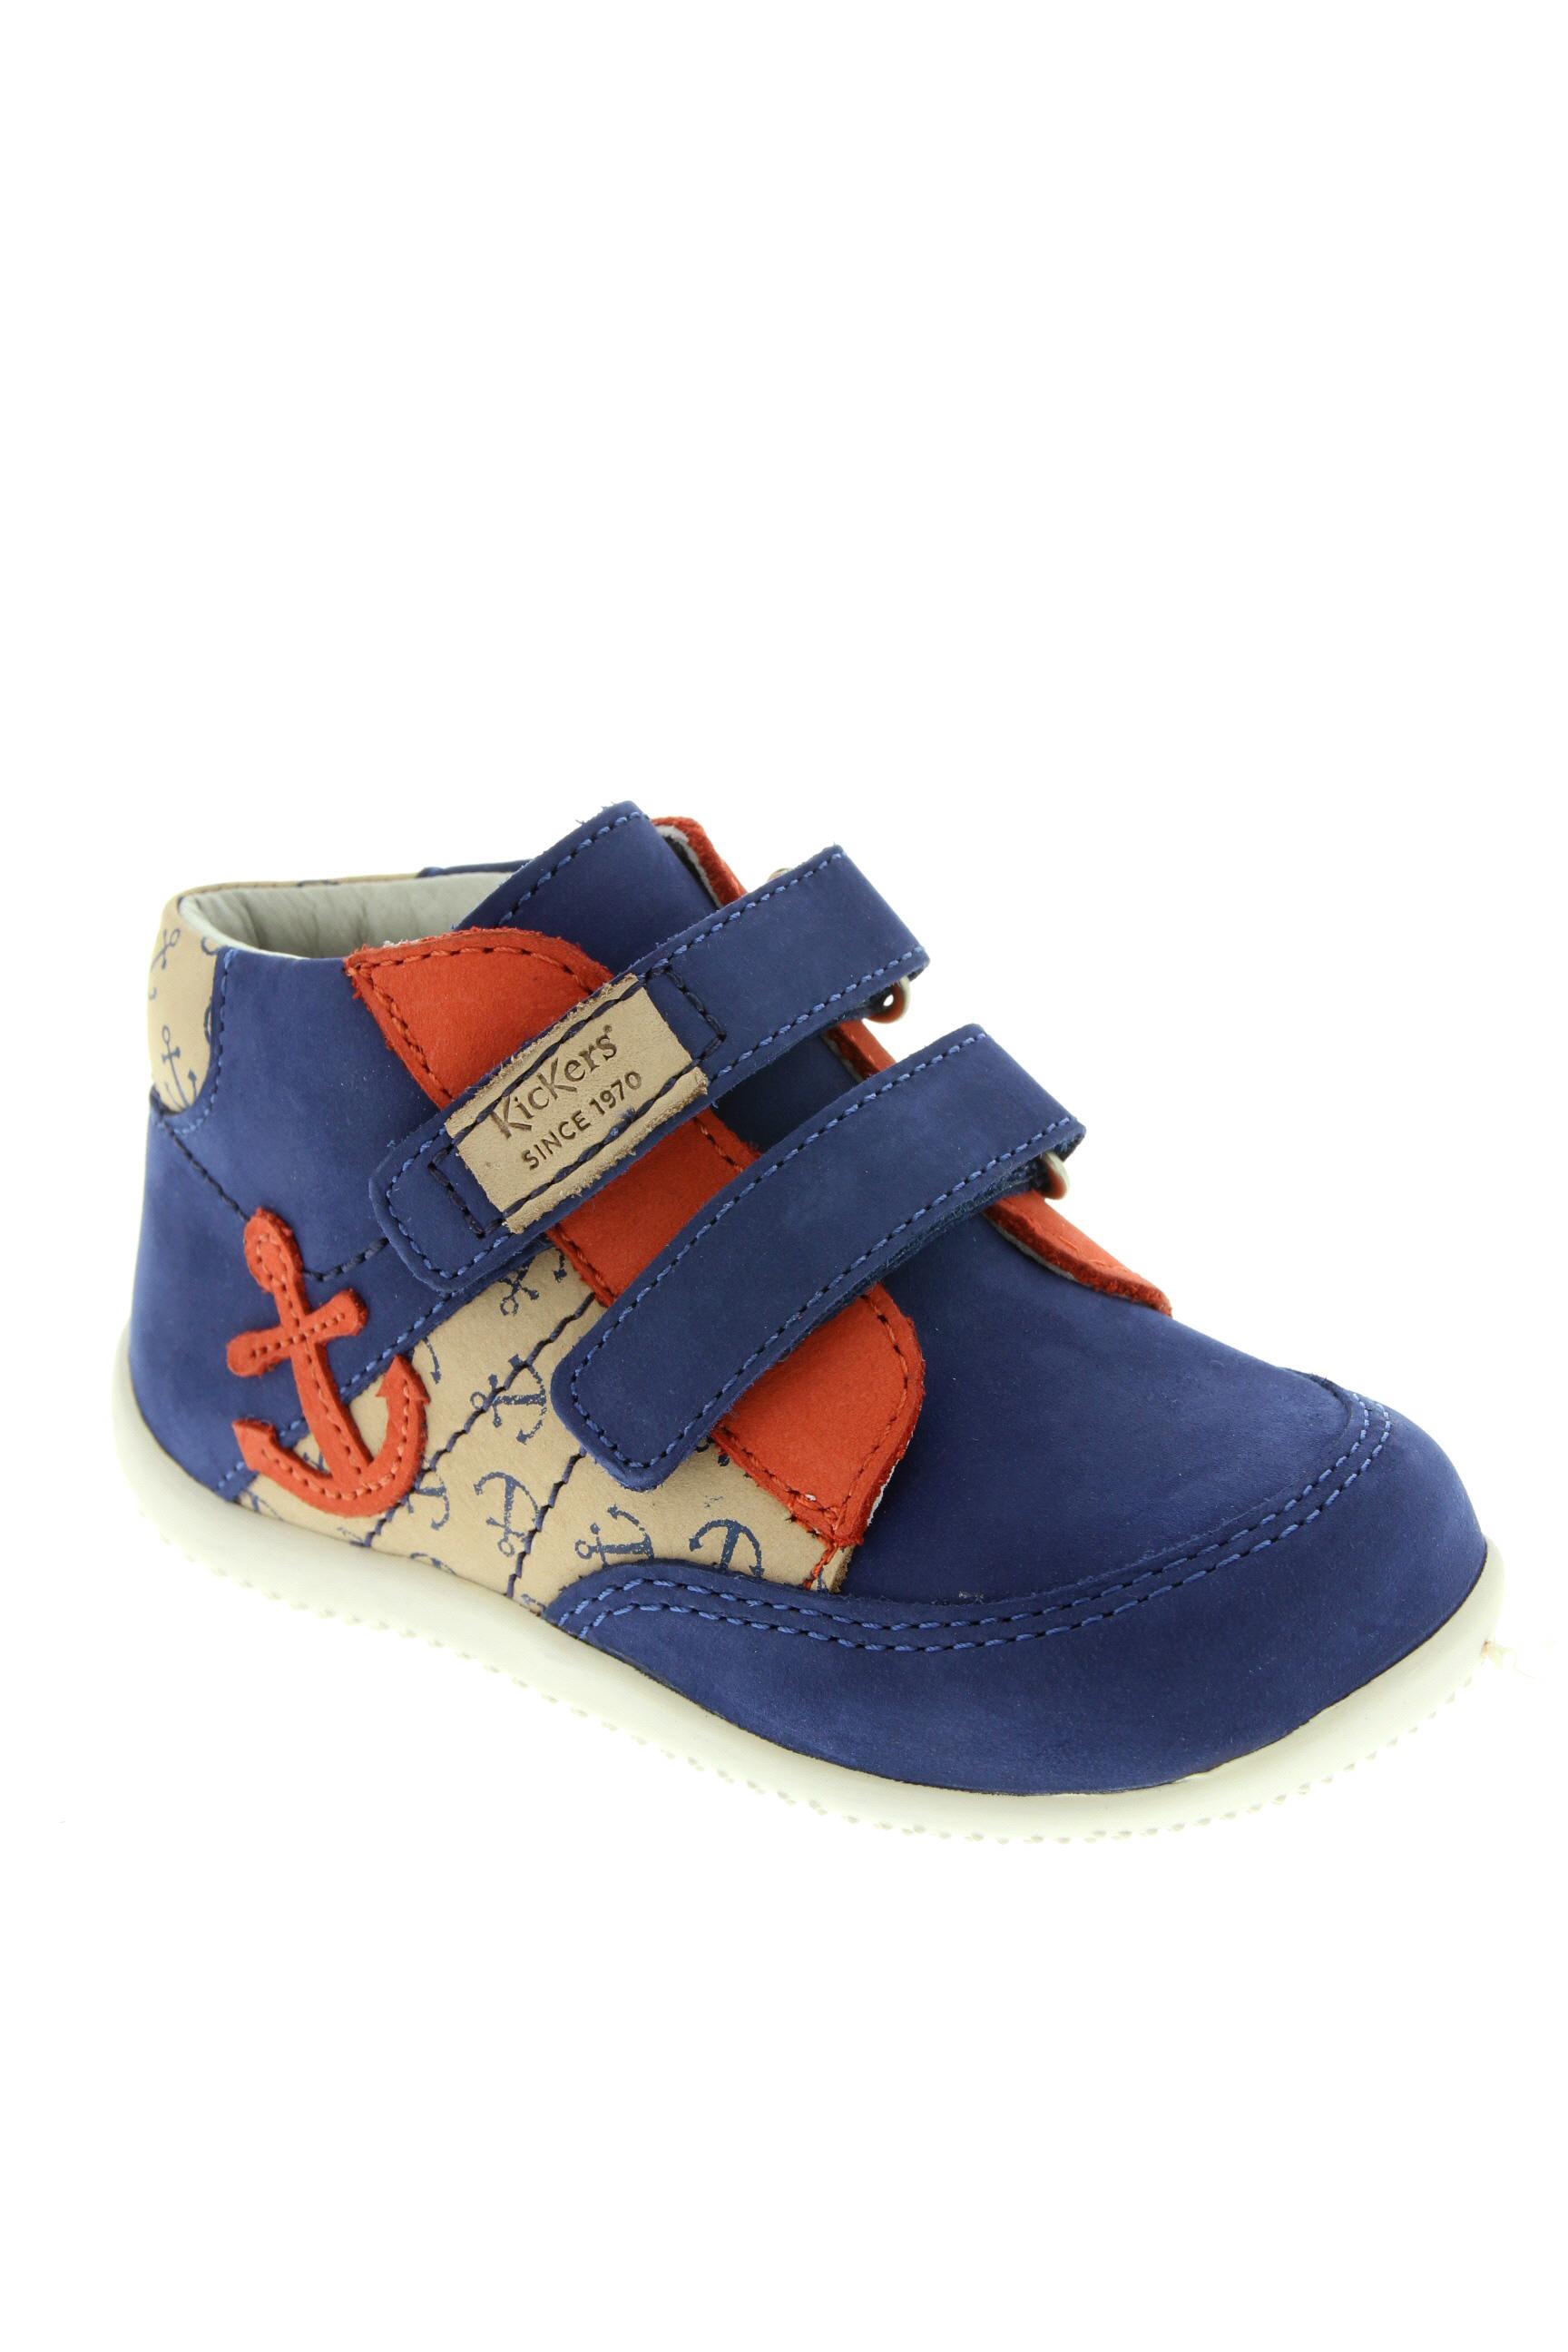 KICKERS Chaussures BottinesBoots de couleur bleu en soldes pas cher 1387639 bleu00 Modz